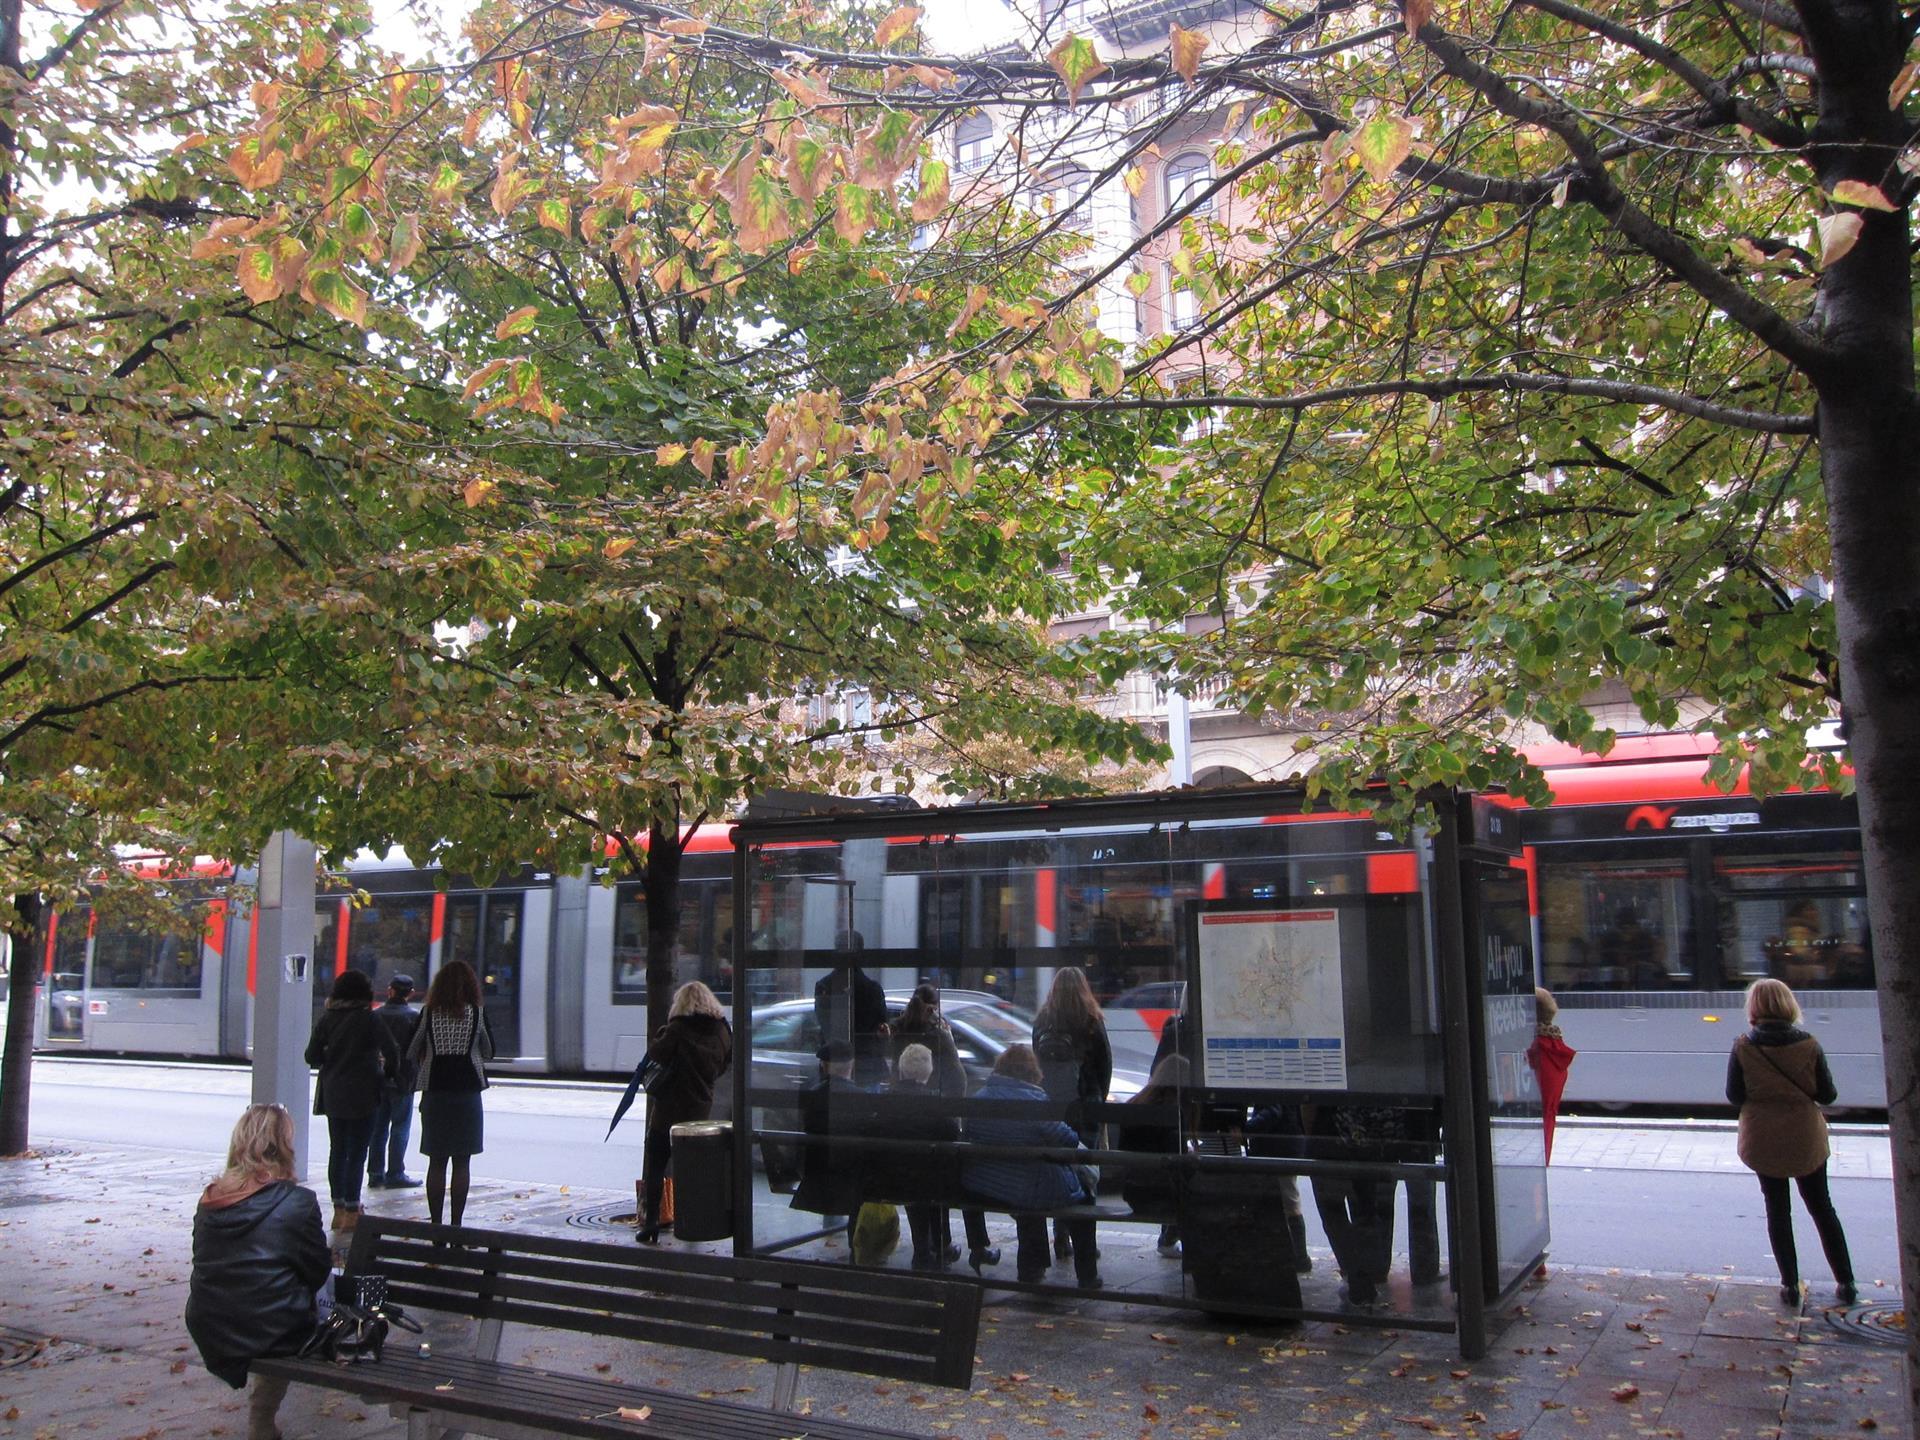 Tranvía, parada de autobús, bus -